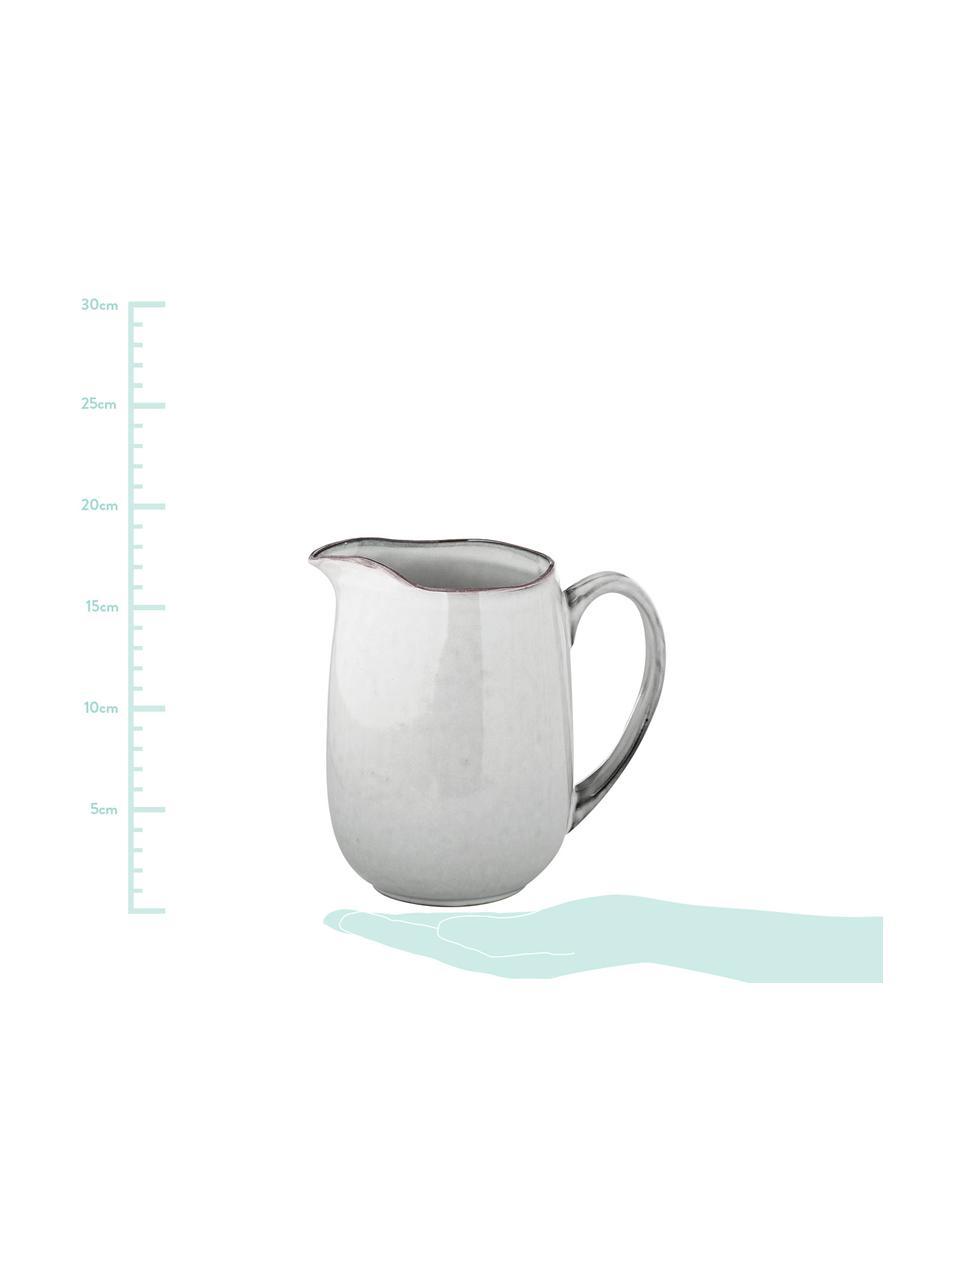 Handgemachter Milchkrug Nordic Sand aus Steingut, 1 L, Steingut, Sand, 17 x 16 cm